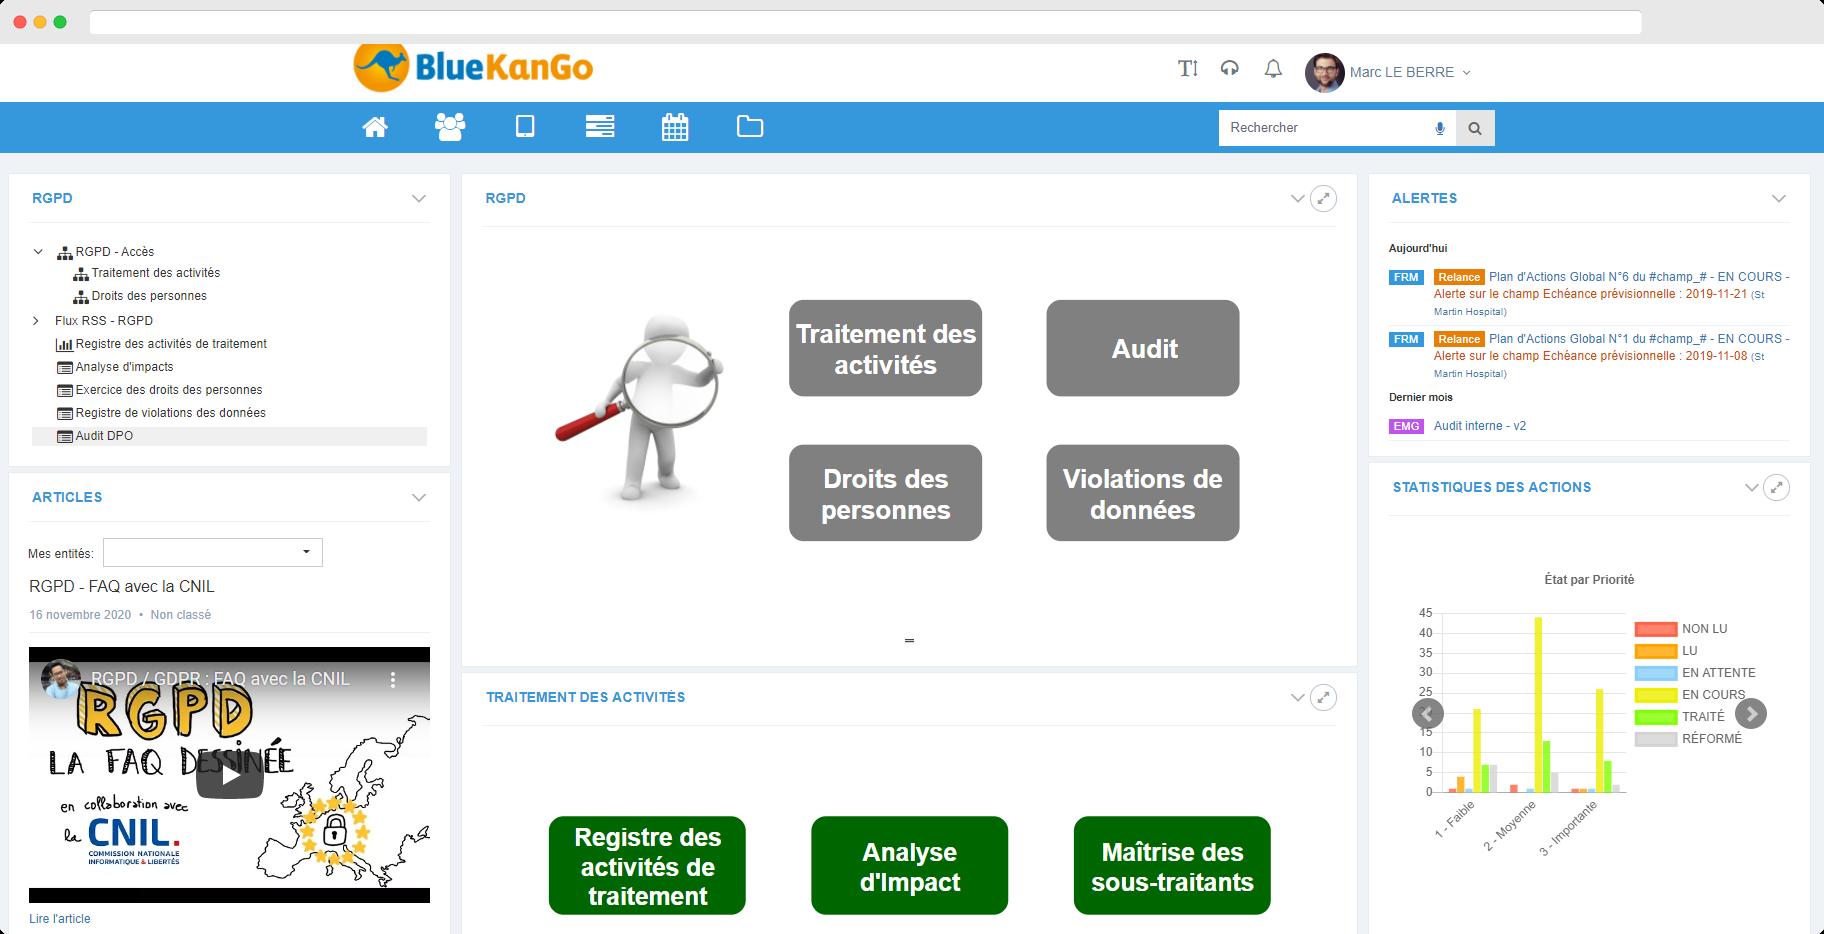 Capture d'écran du tableau de bord de la plateforme BlueKanGo concernant le module RGPD